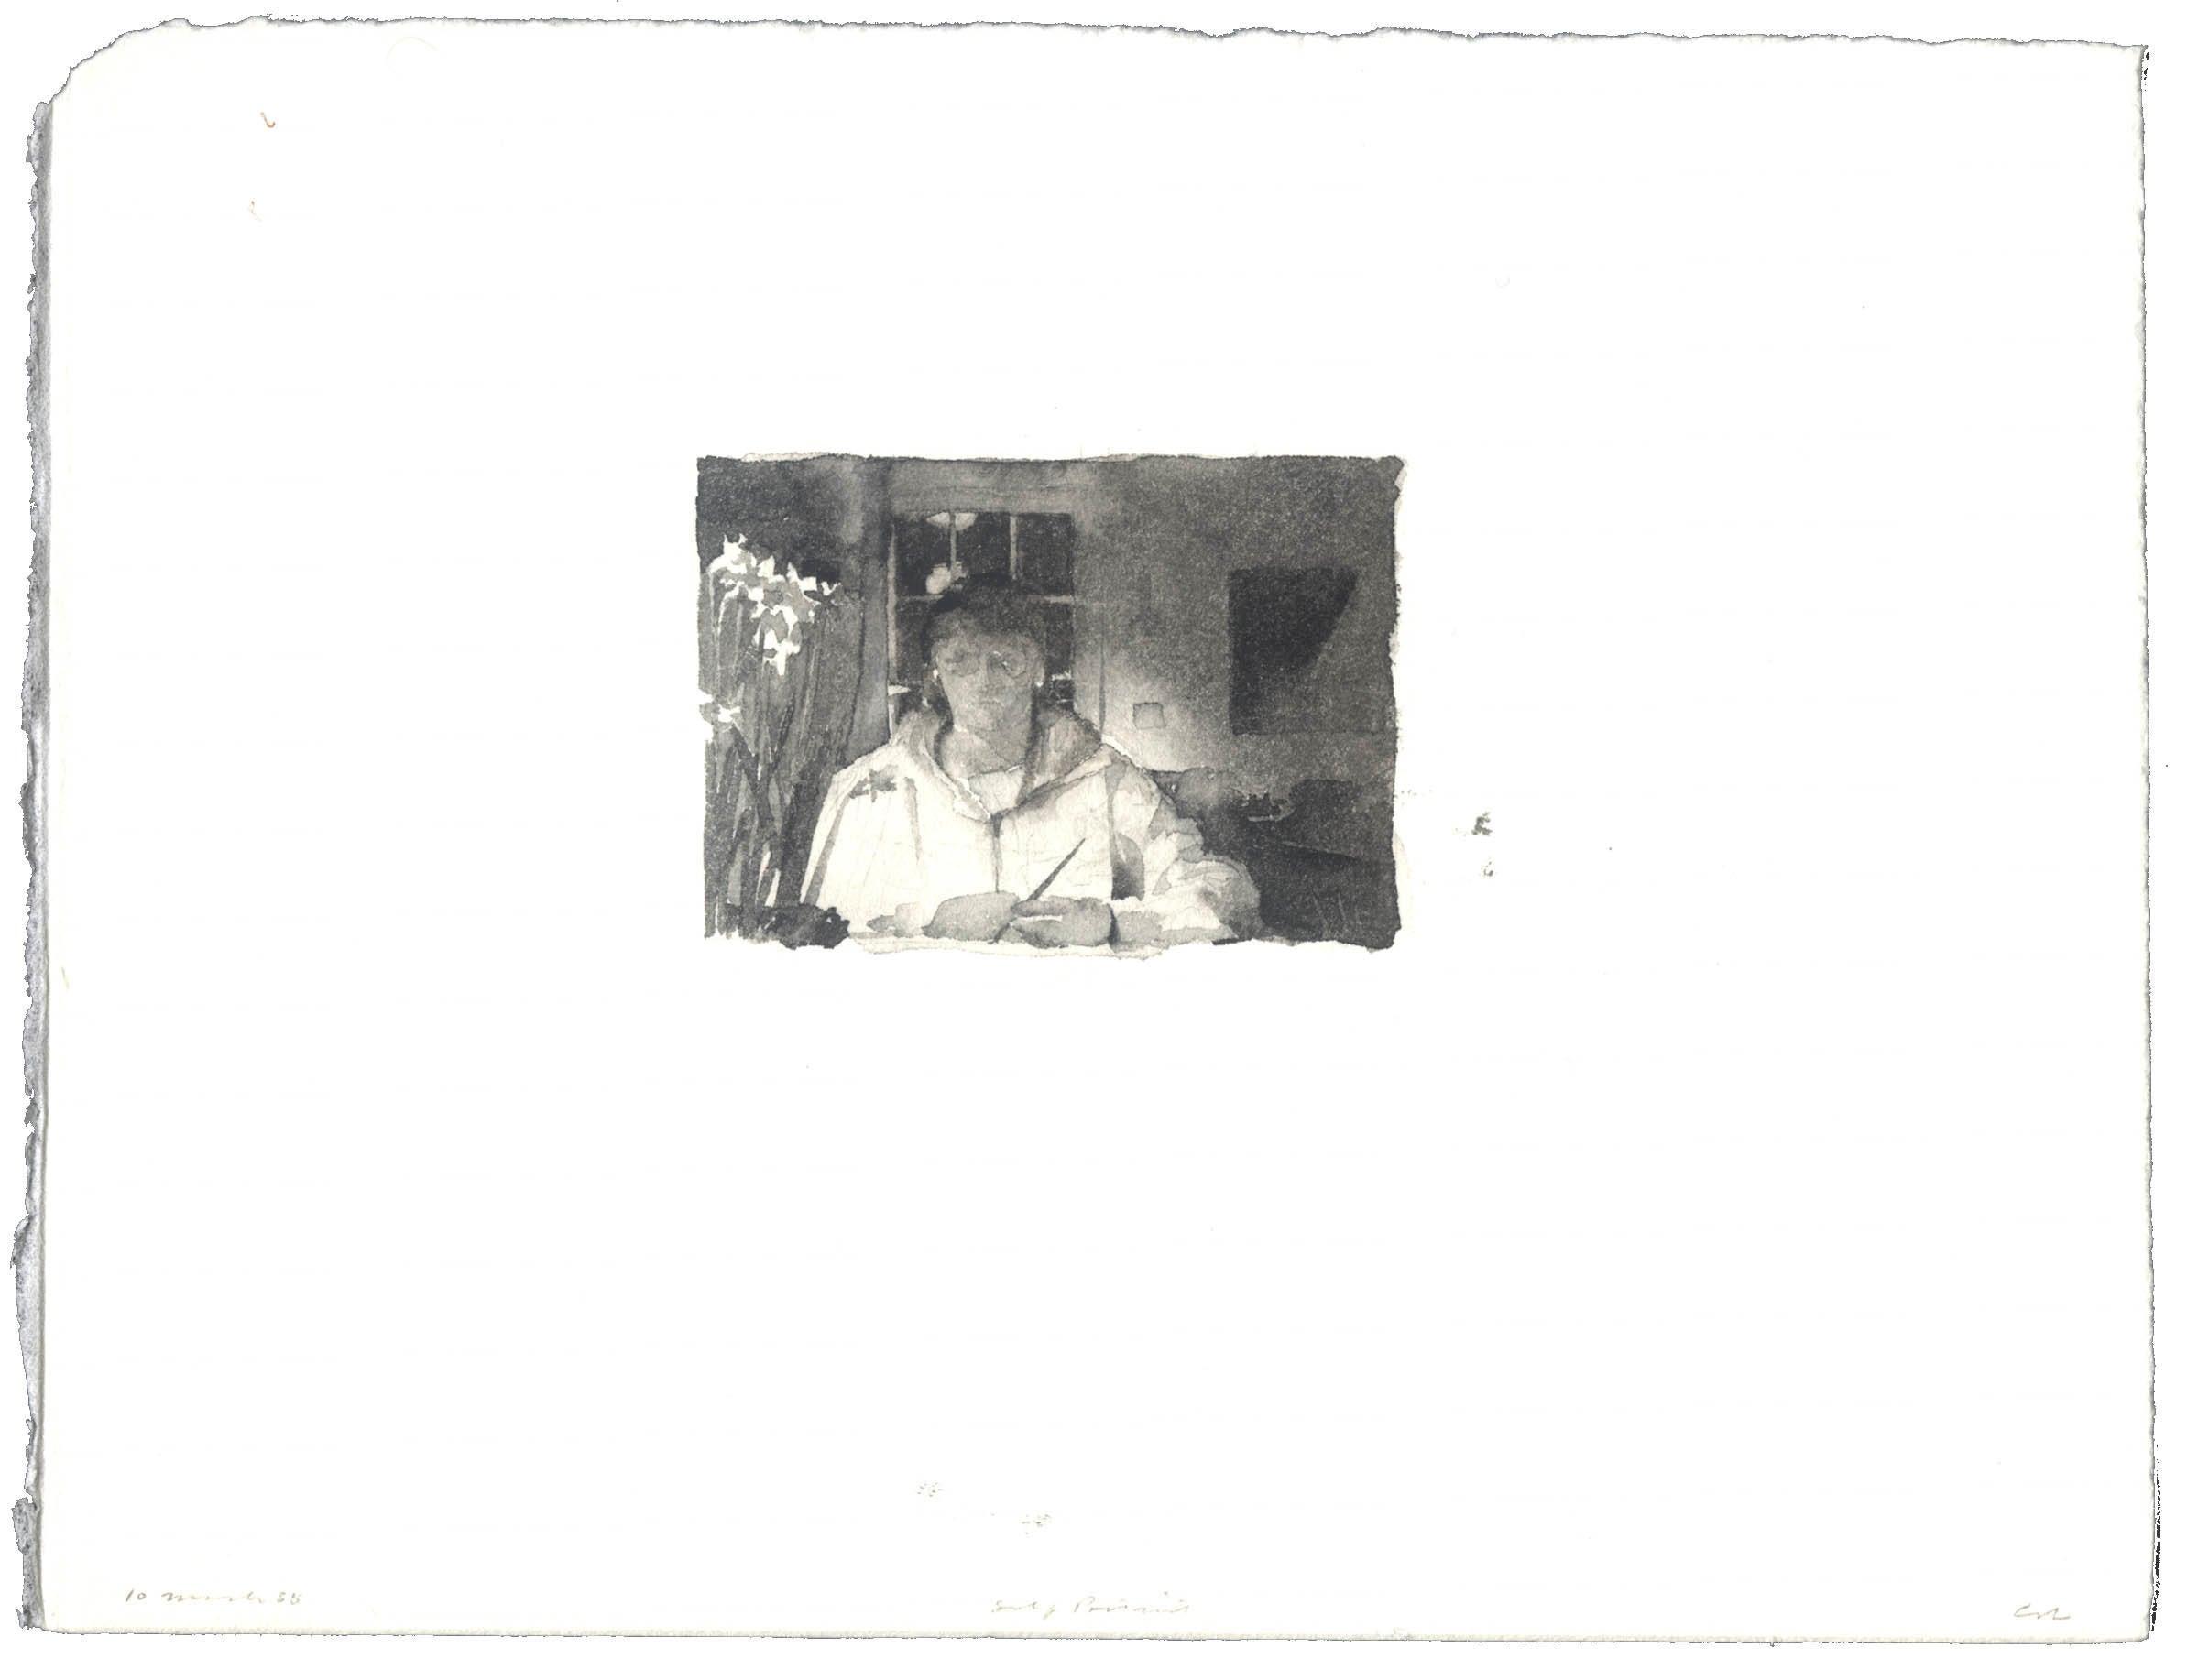 Self-Portrait: 10 March 1988 image